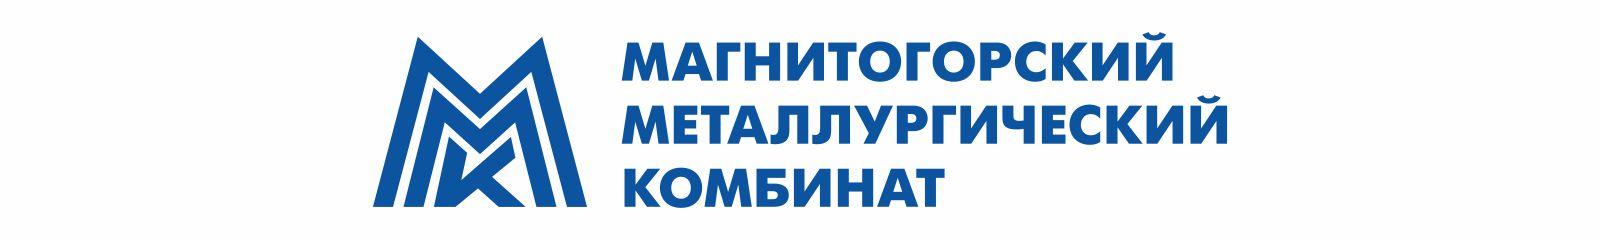 mmk.ru